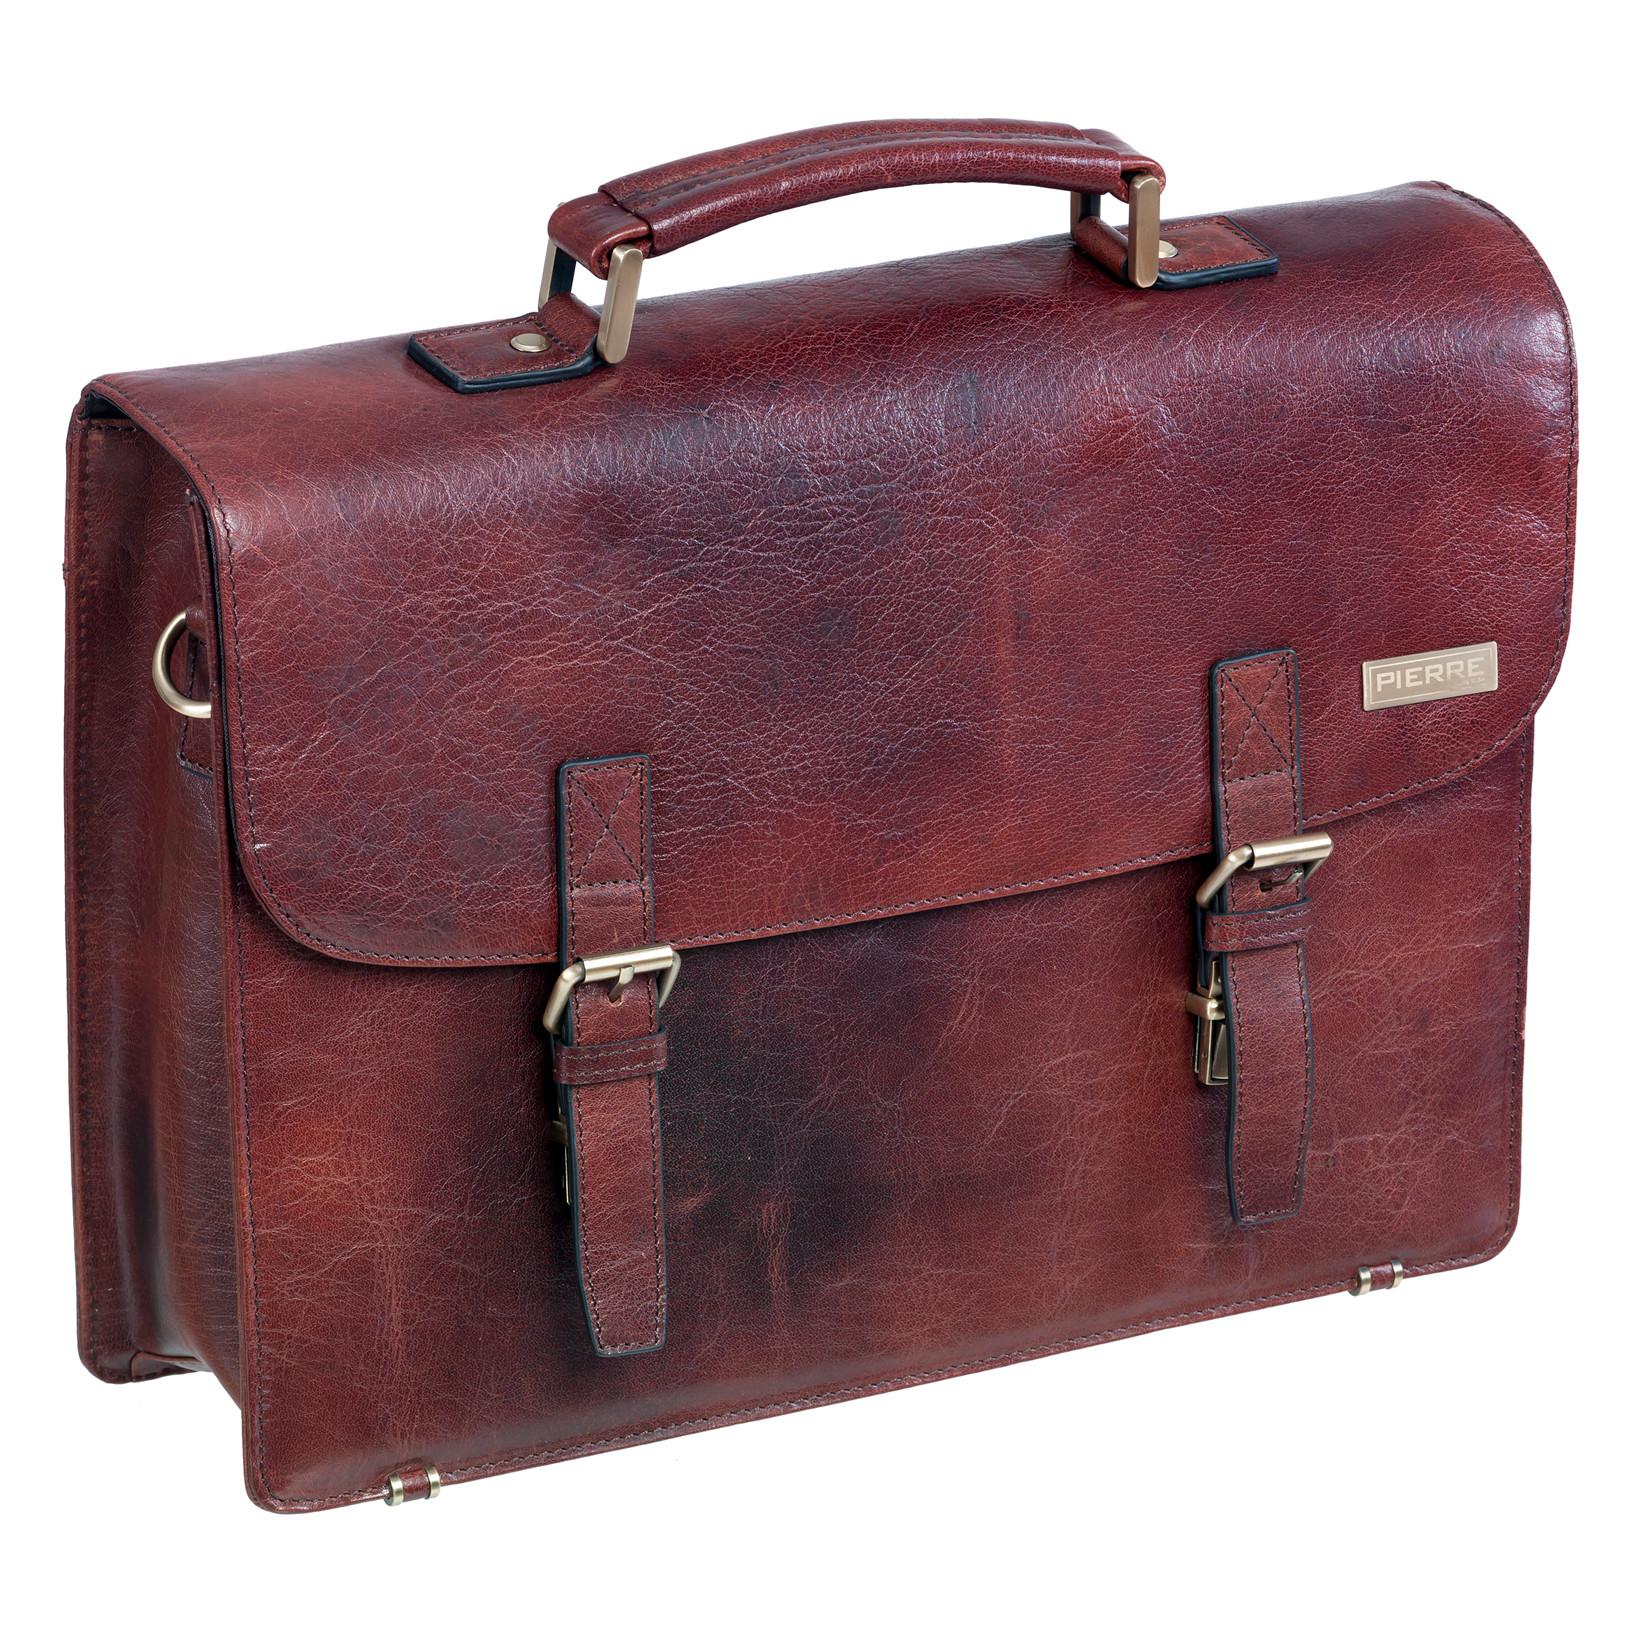 Taske Pierre Briefcase 2 Tonet brun/sort